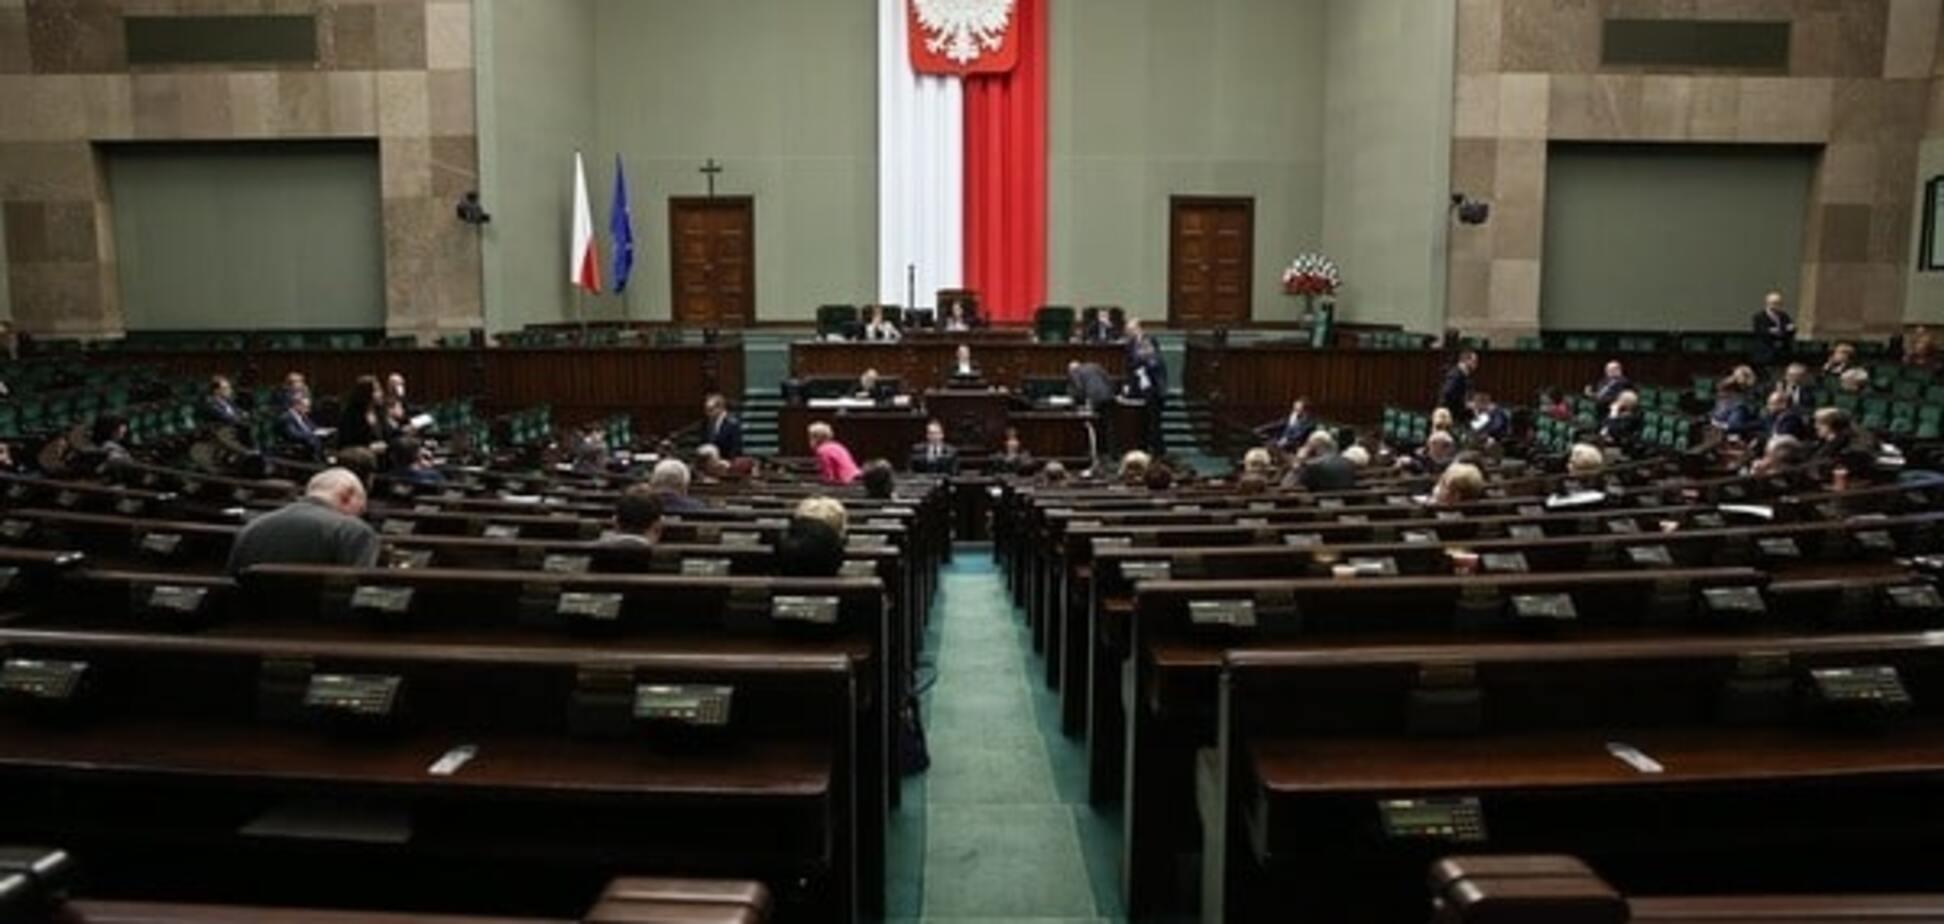 Еврокомиссия собралась 'перекрыть кислород' Польше из-за закона о СМИ